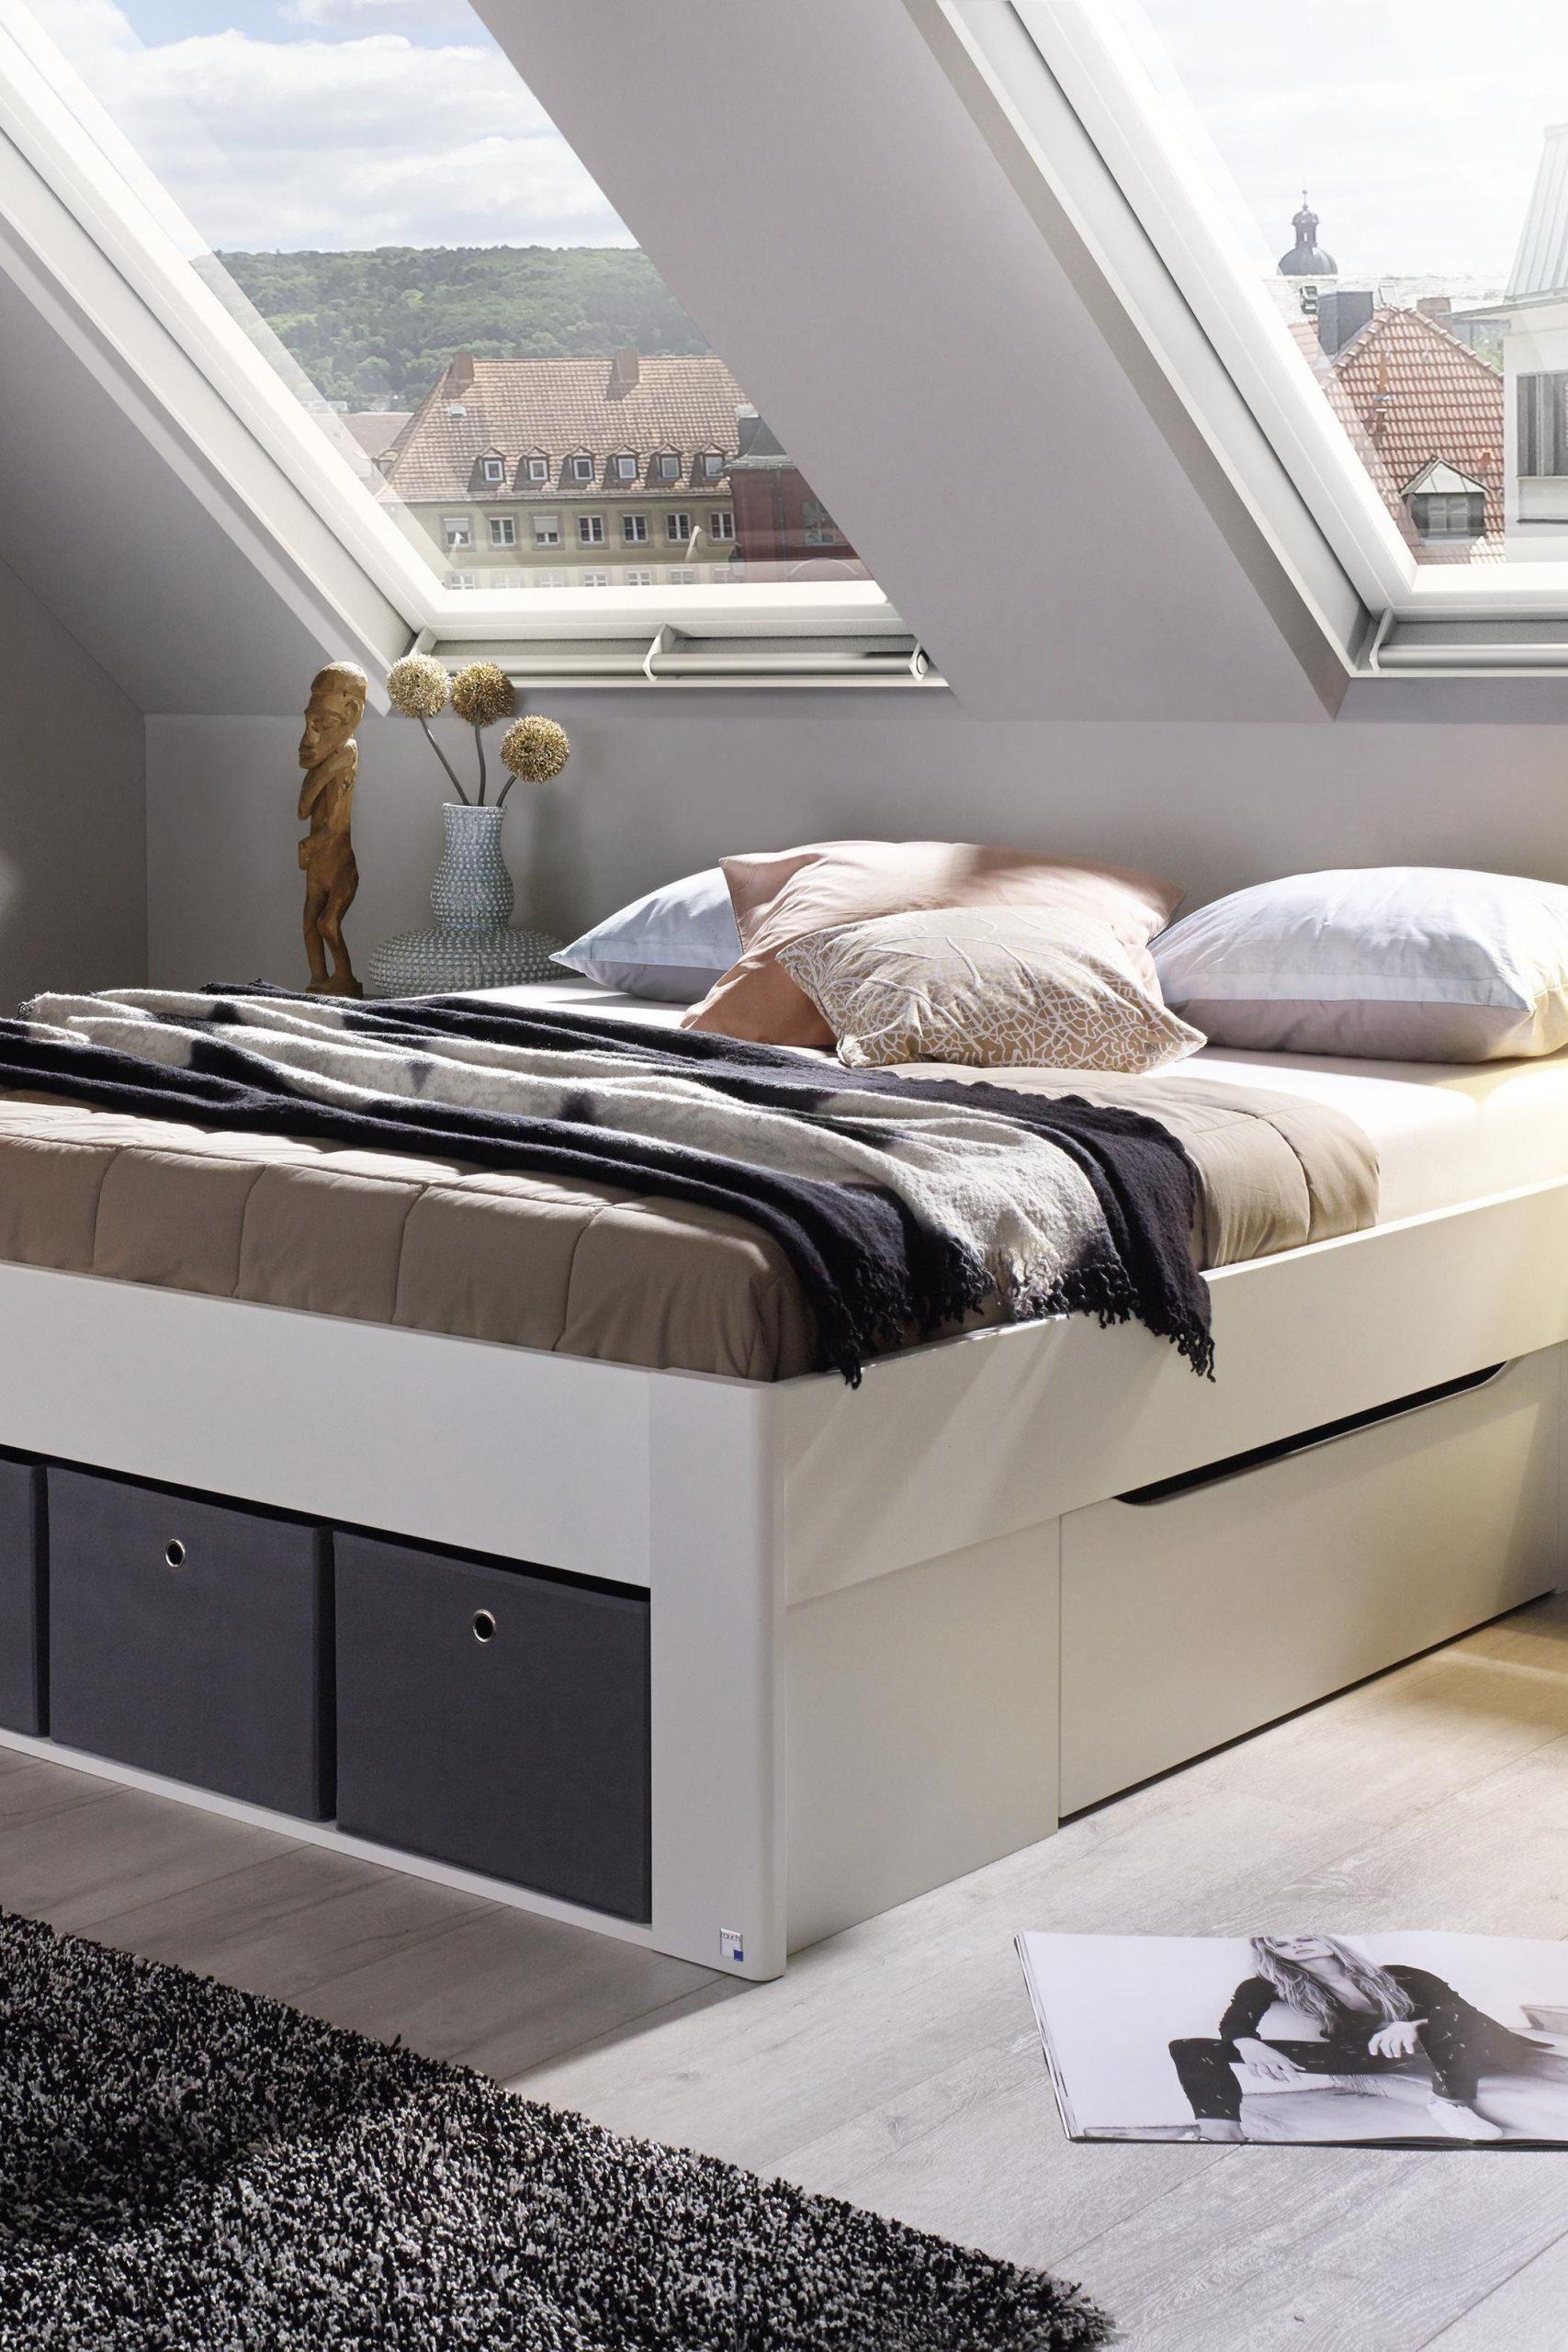 Full Size of Nolte Betten Arbeitsplatte Küche 120x200 Günstig Kaufen Günstige Jugend Teenager Runde Massivholz Amazon Bei Ikea Jabo 200x200 Tempur Billerbeck 90x200 Bett Betten Bei Ikea